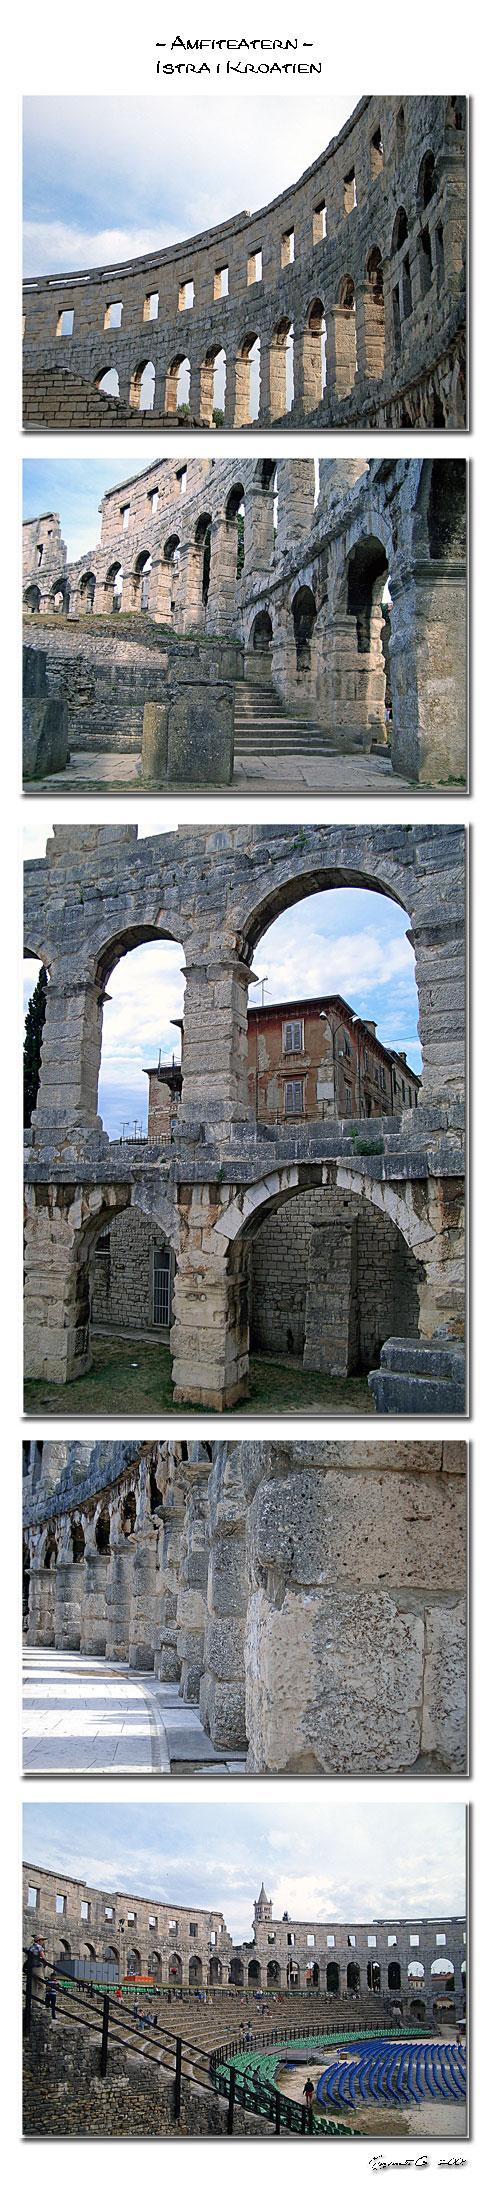 Amfiteatern, Pula - Istra - Kroatien